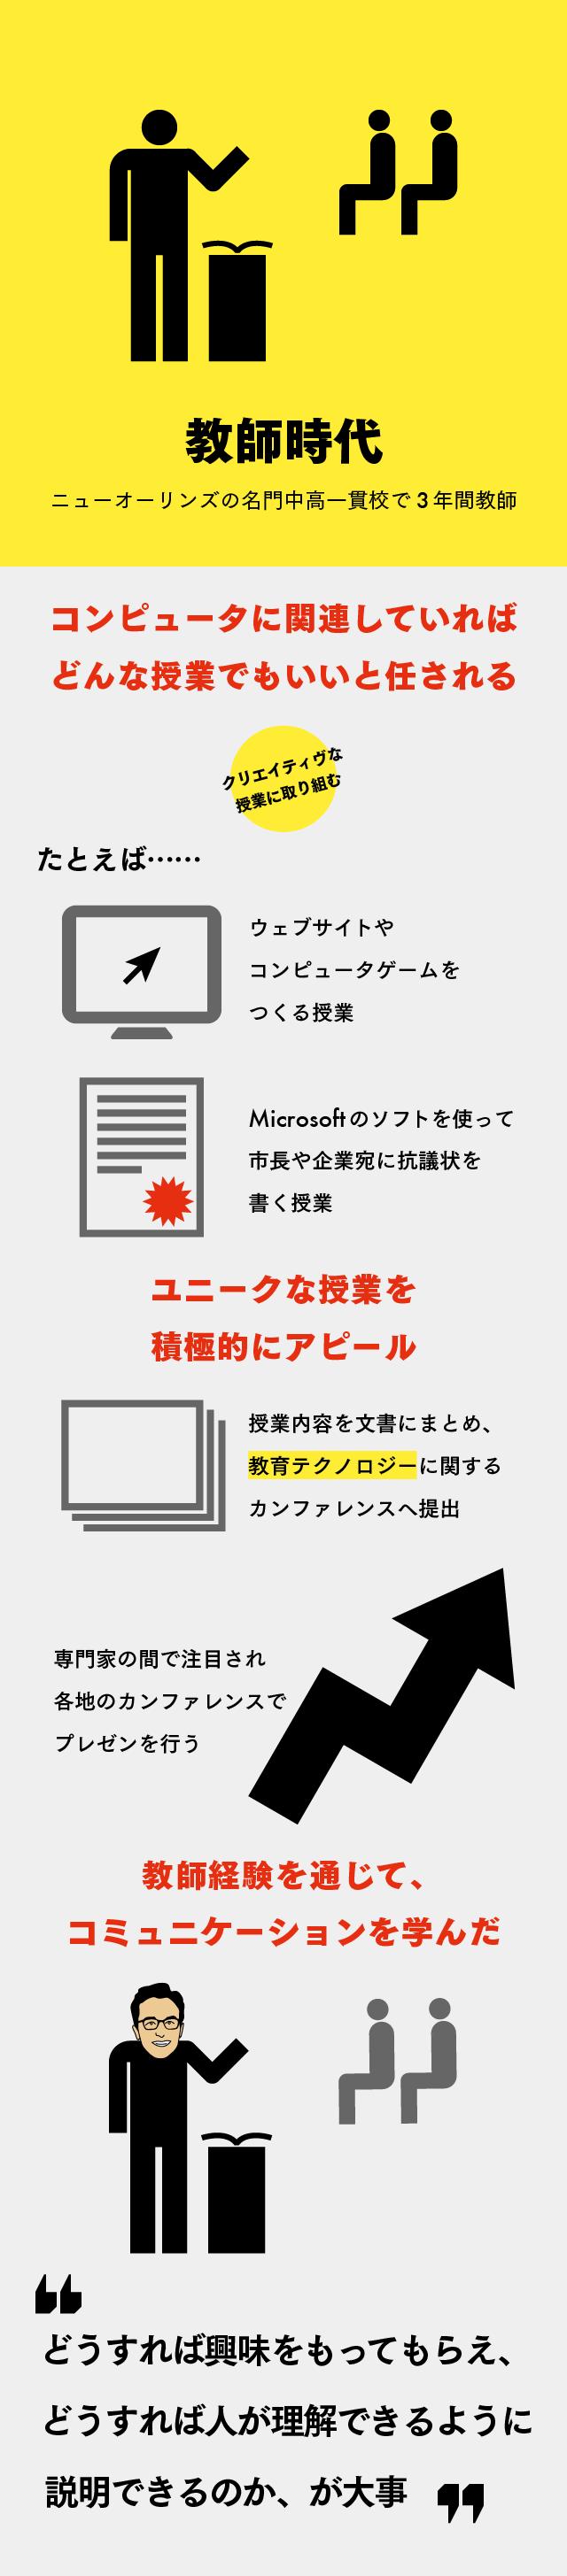 【マスター】バズフィード創業者ストーリー_20150831-03